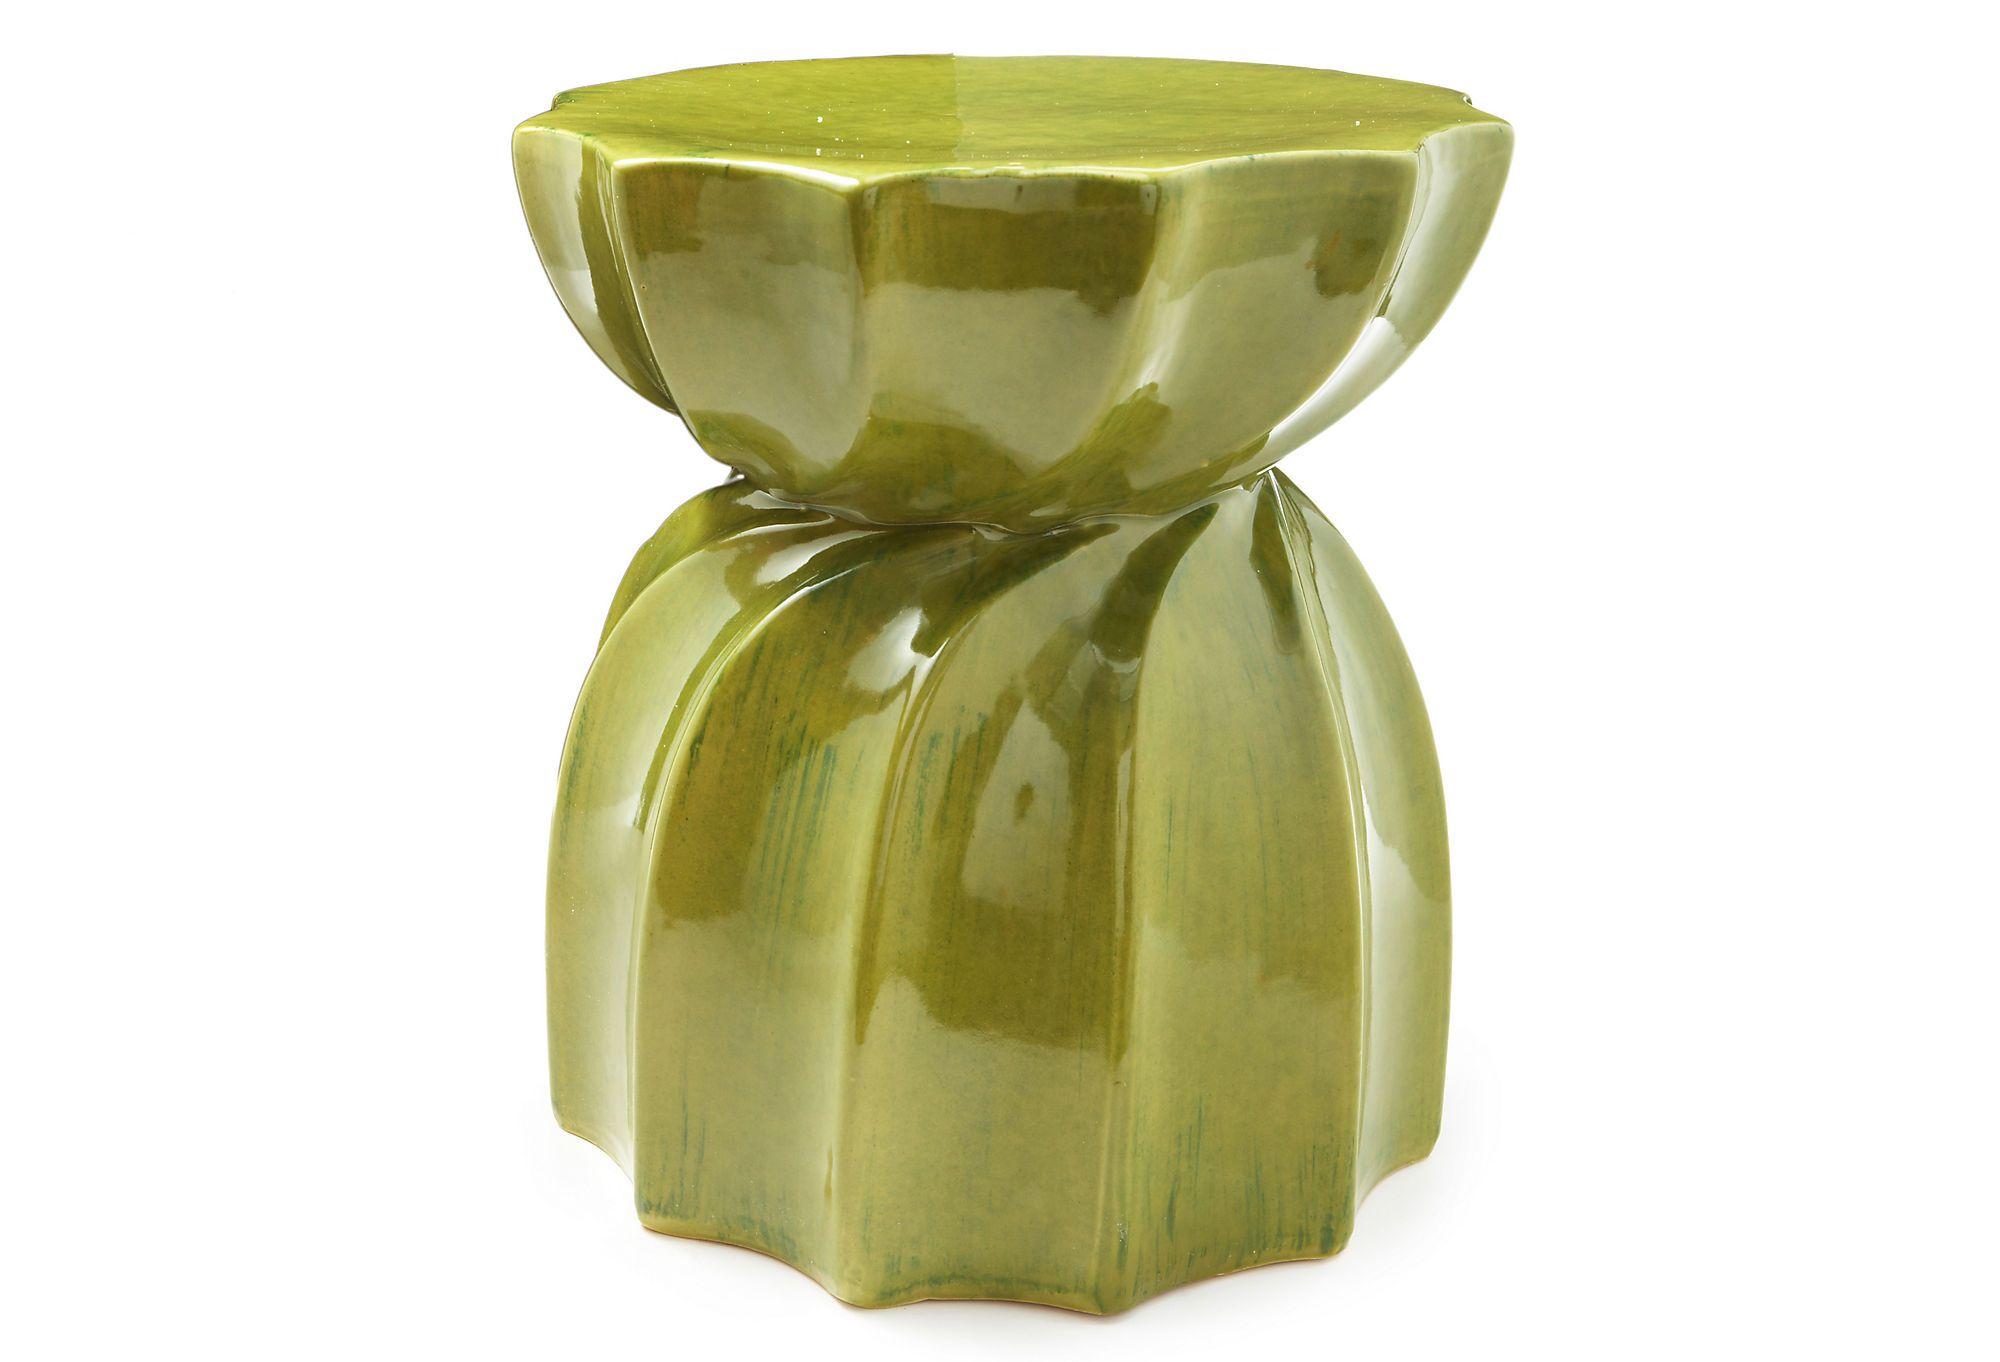 Sgabello Da Giardino In Ceramica : Tavolo da giardino rettangolare in ceramica illum tavolo in